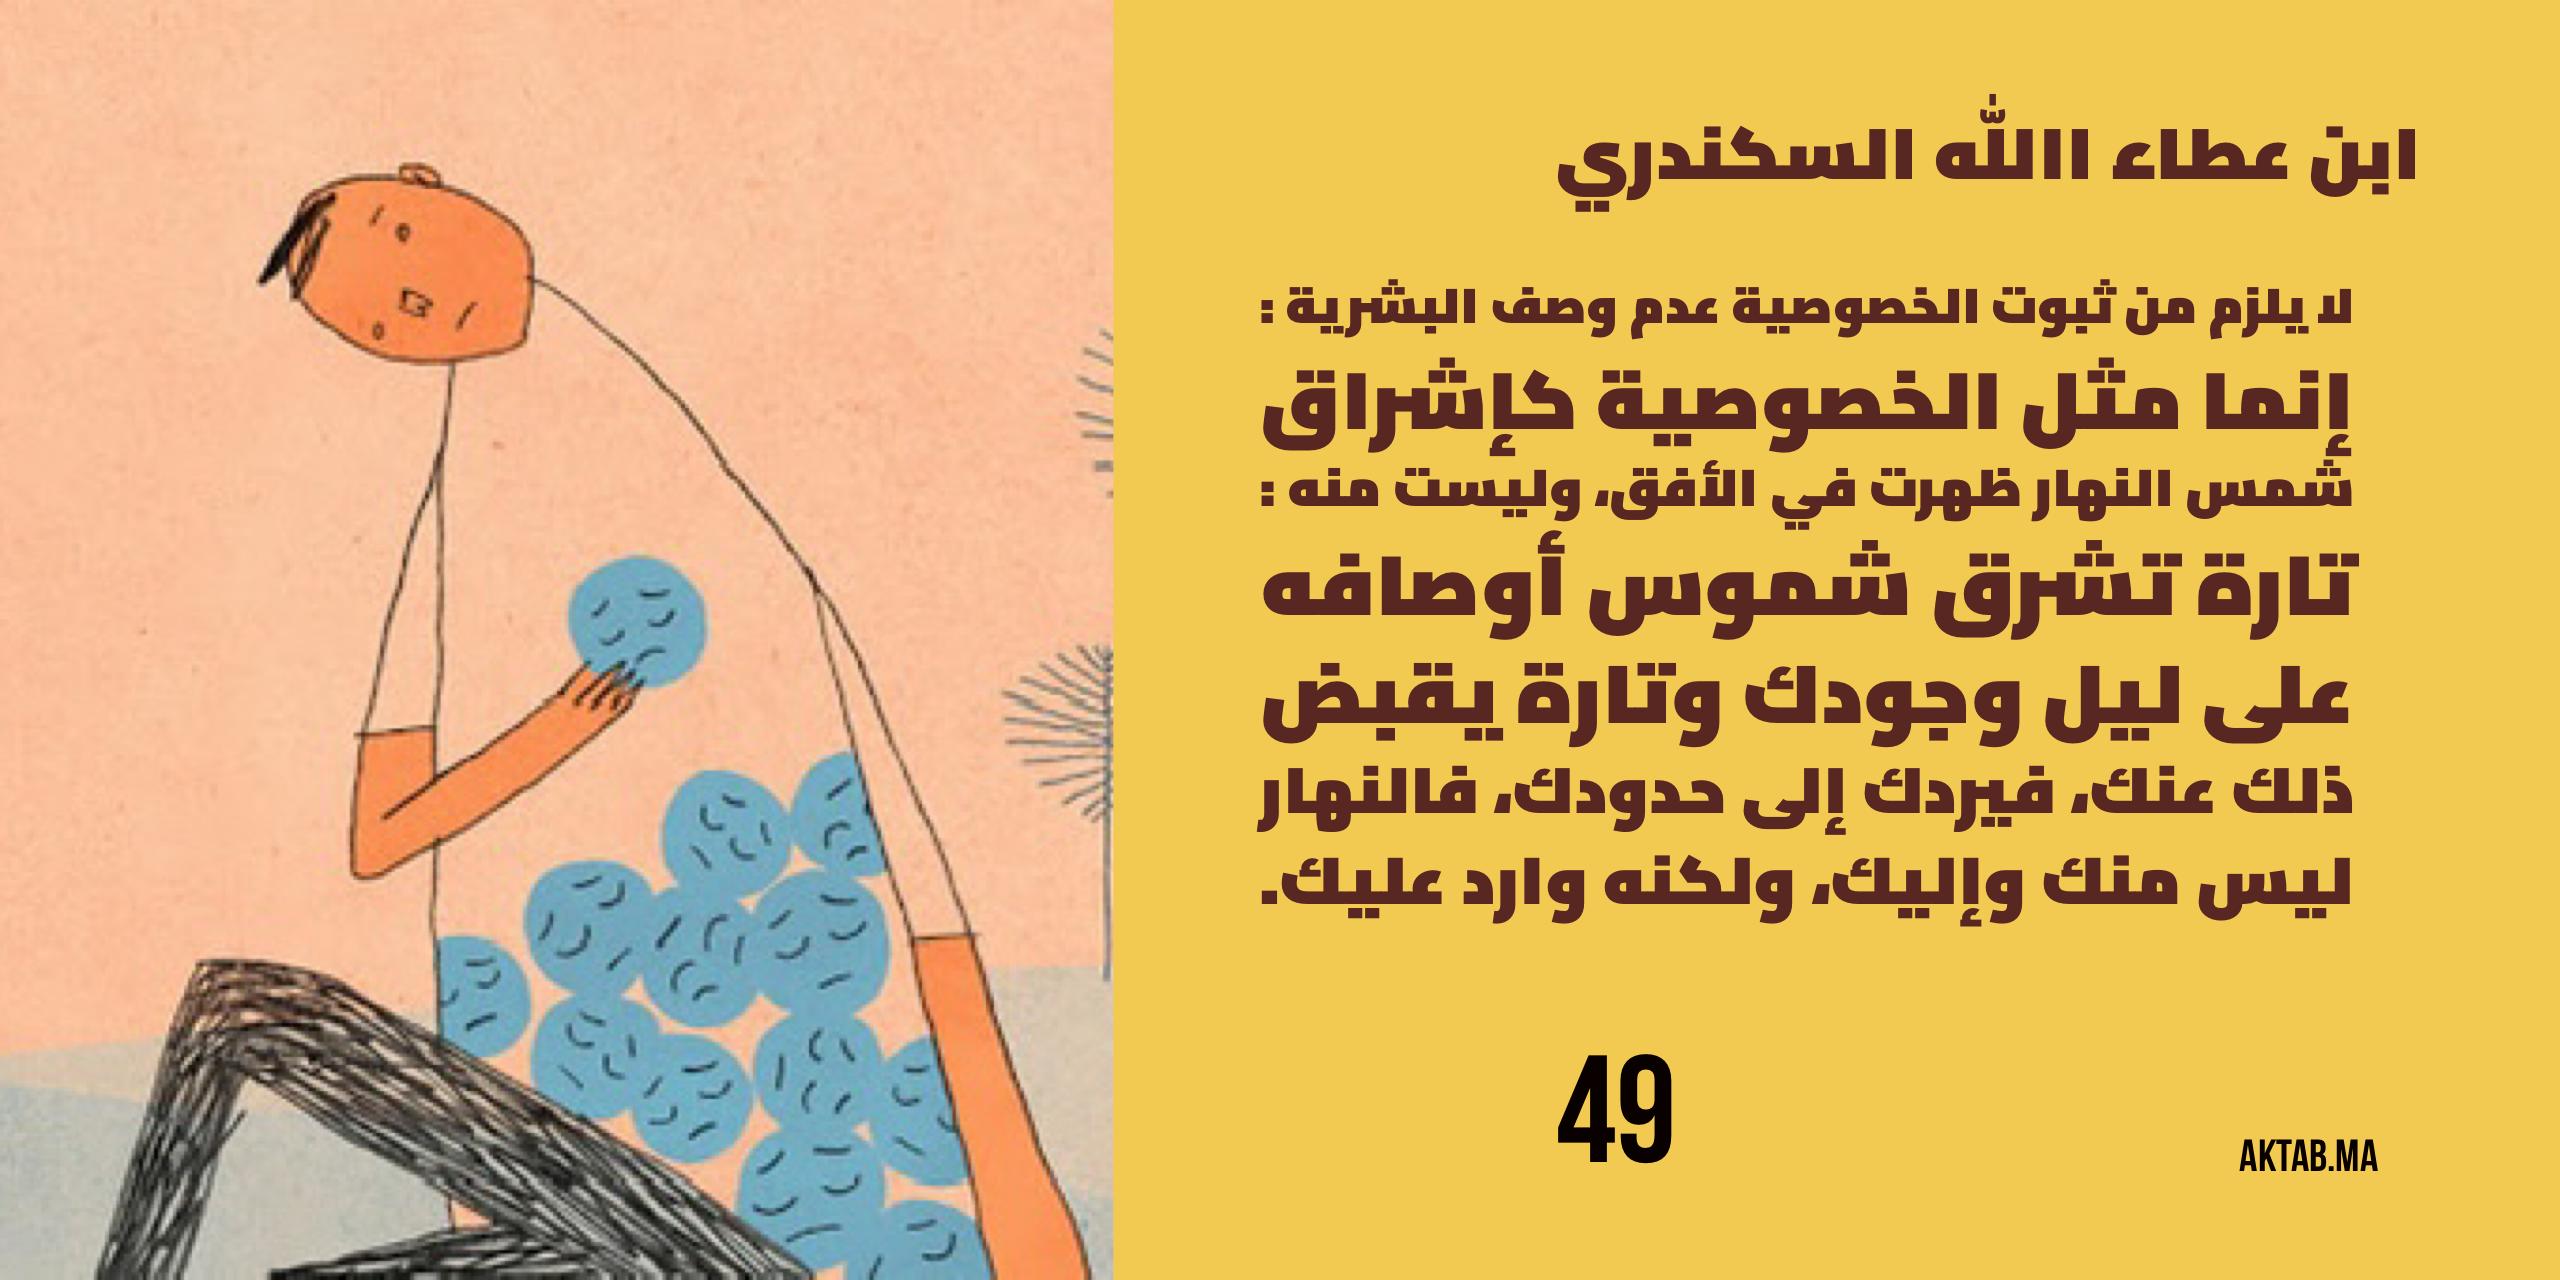 الحكمة 49  - ابن عطاء الله السكندري